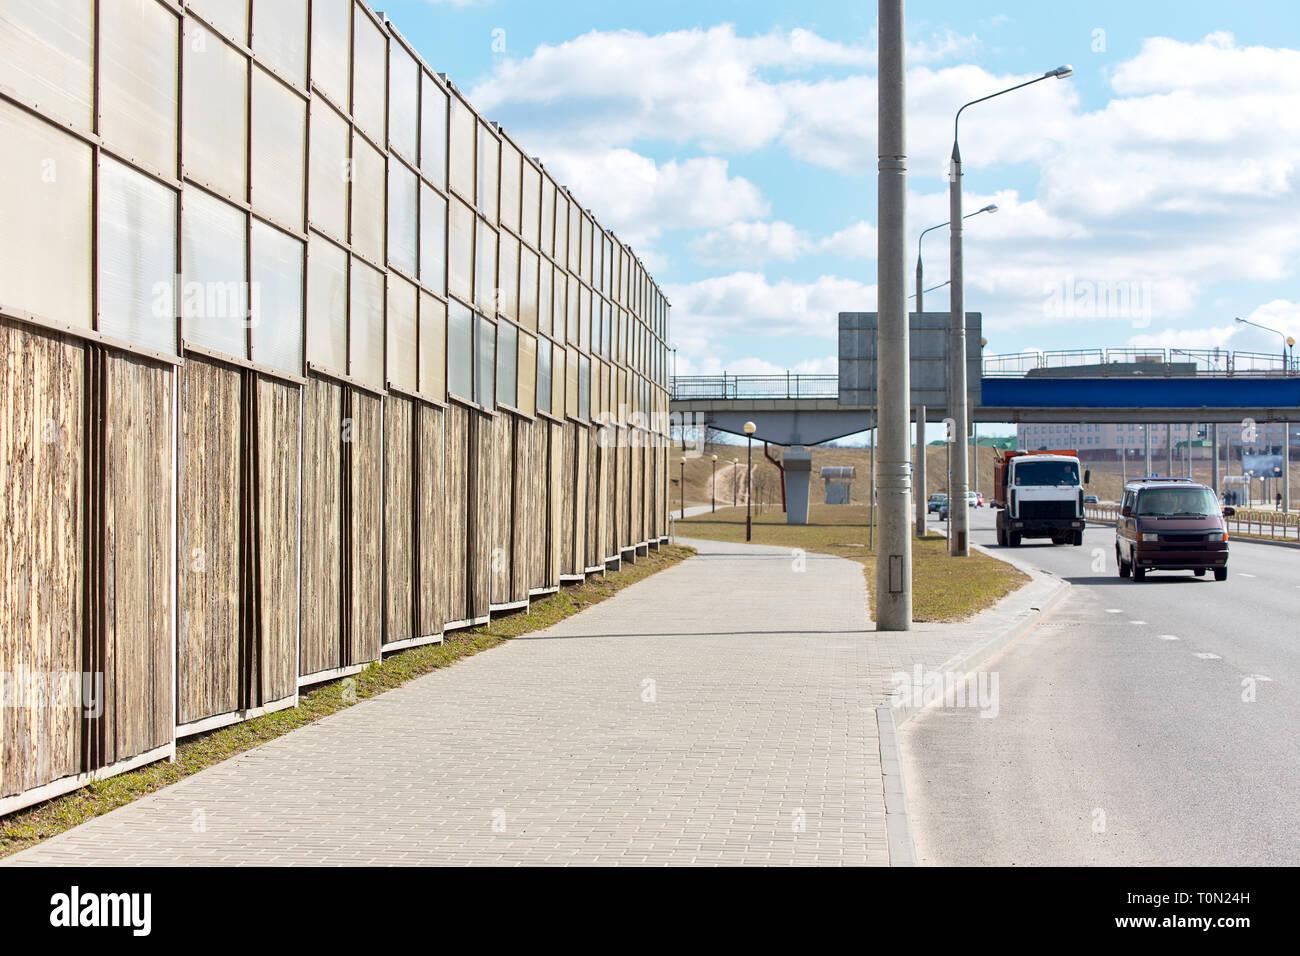 Panneaux acoustique le long freeway dans la ville. Concept de protection des bâtiments résidentiels de la pollution sonore à l'aide de panneaux isolants sonores. Photo Stock